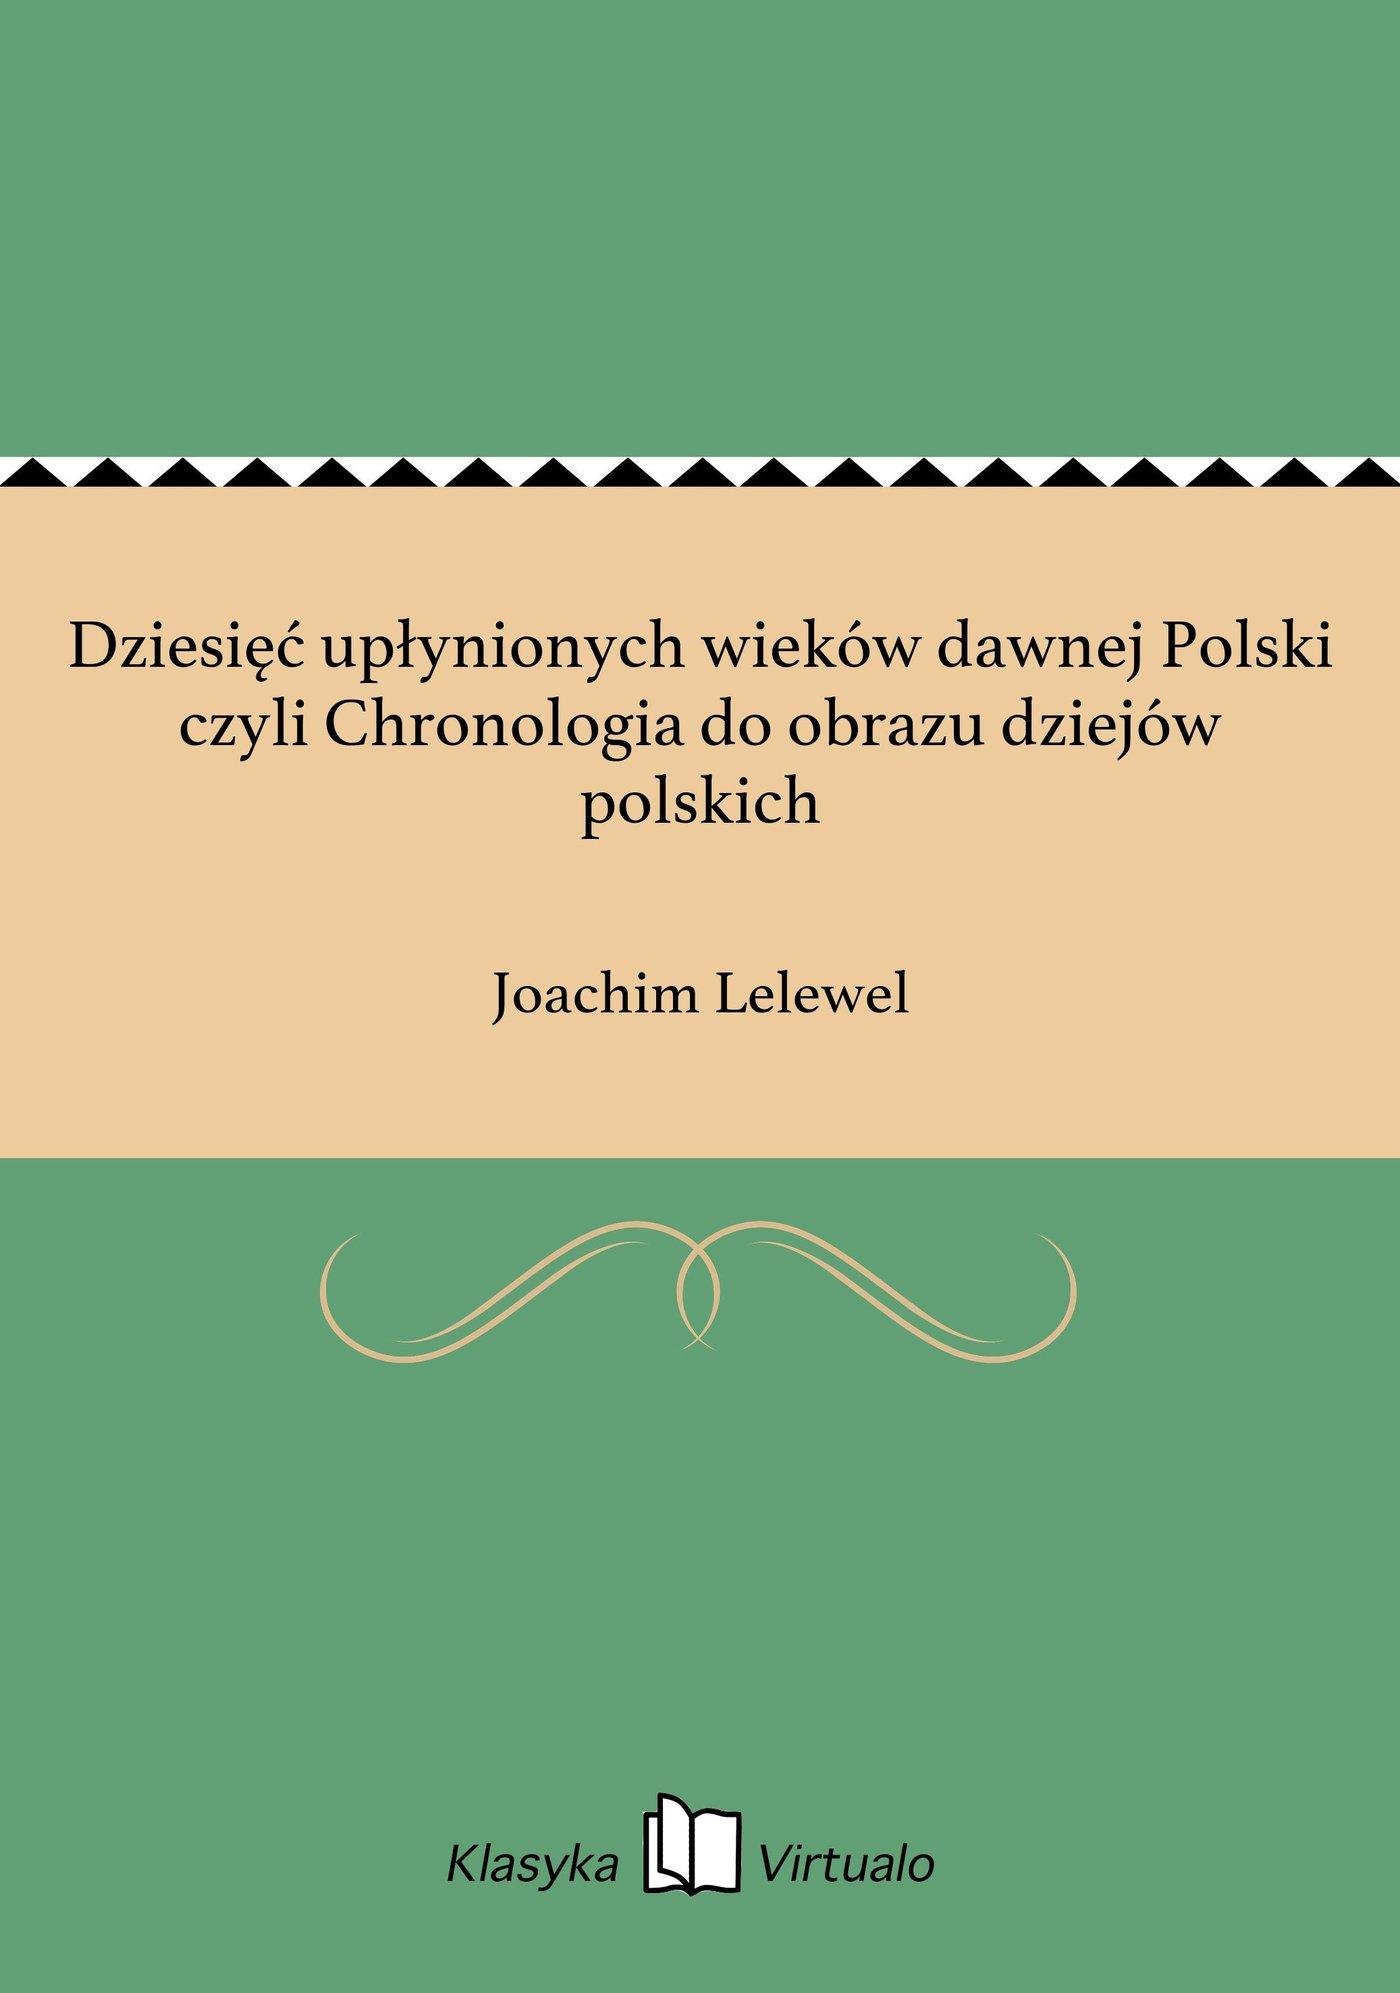 Dziesięć upłynionych wieków dawnej Polski czyli Chronologia do obrazu dziejów polskich - Ebook (Książka EPUB) do pobrania w formacie EPUB